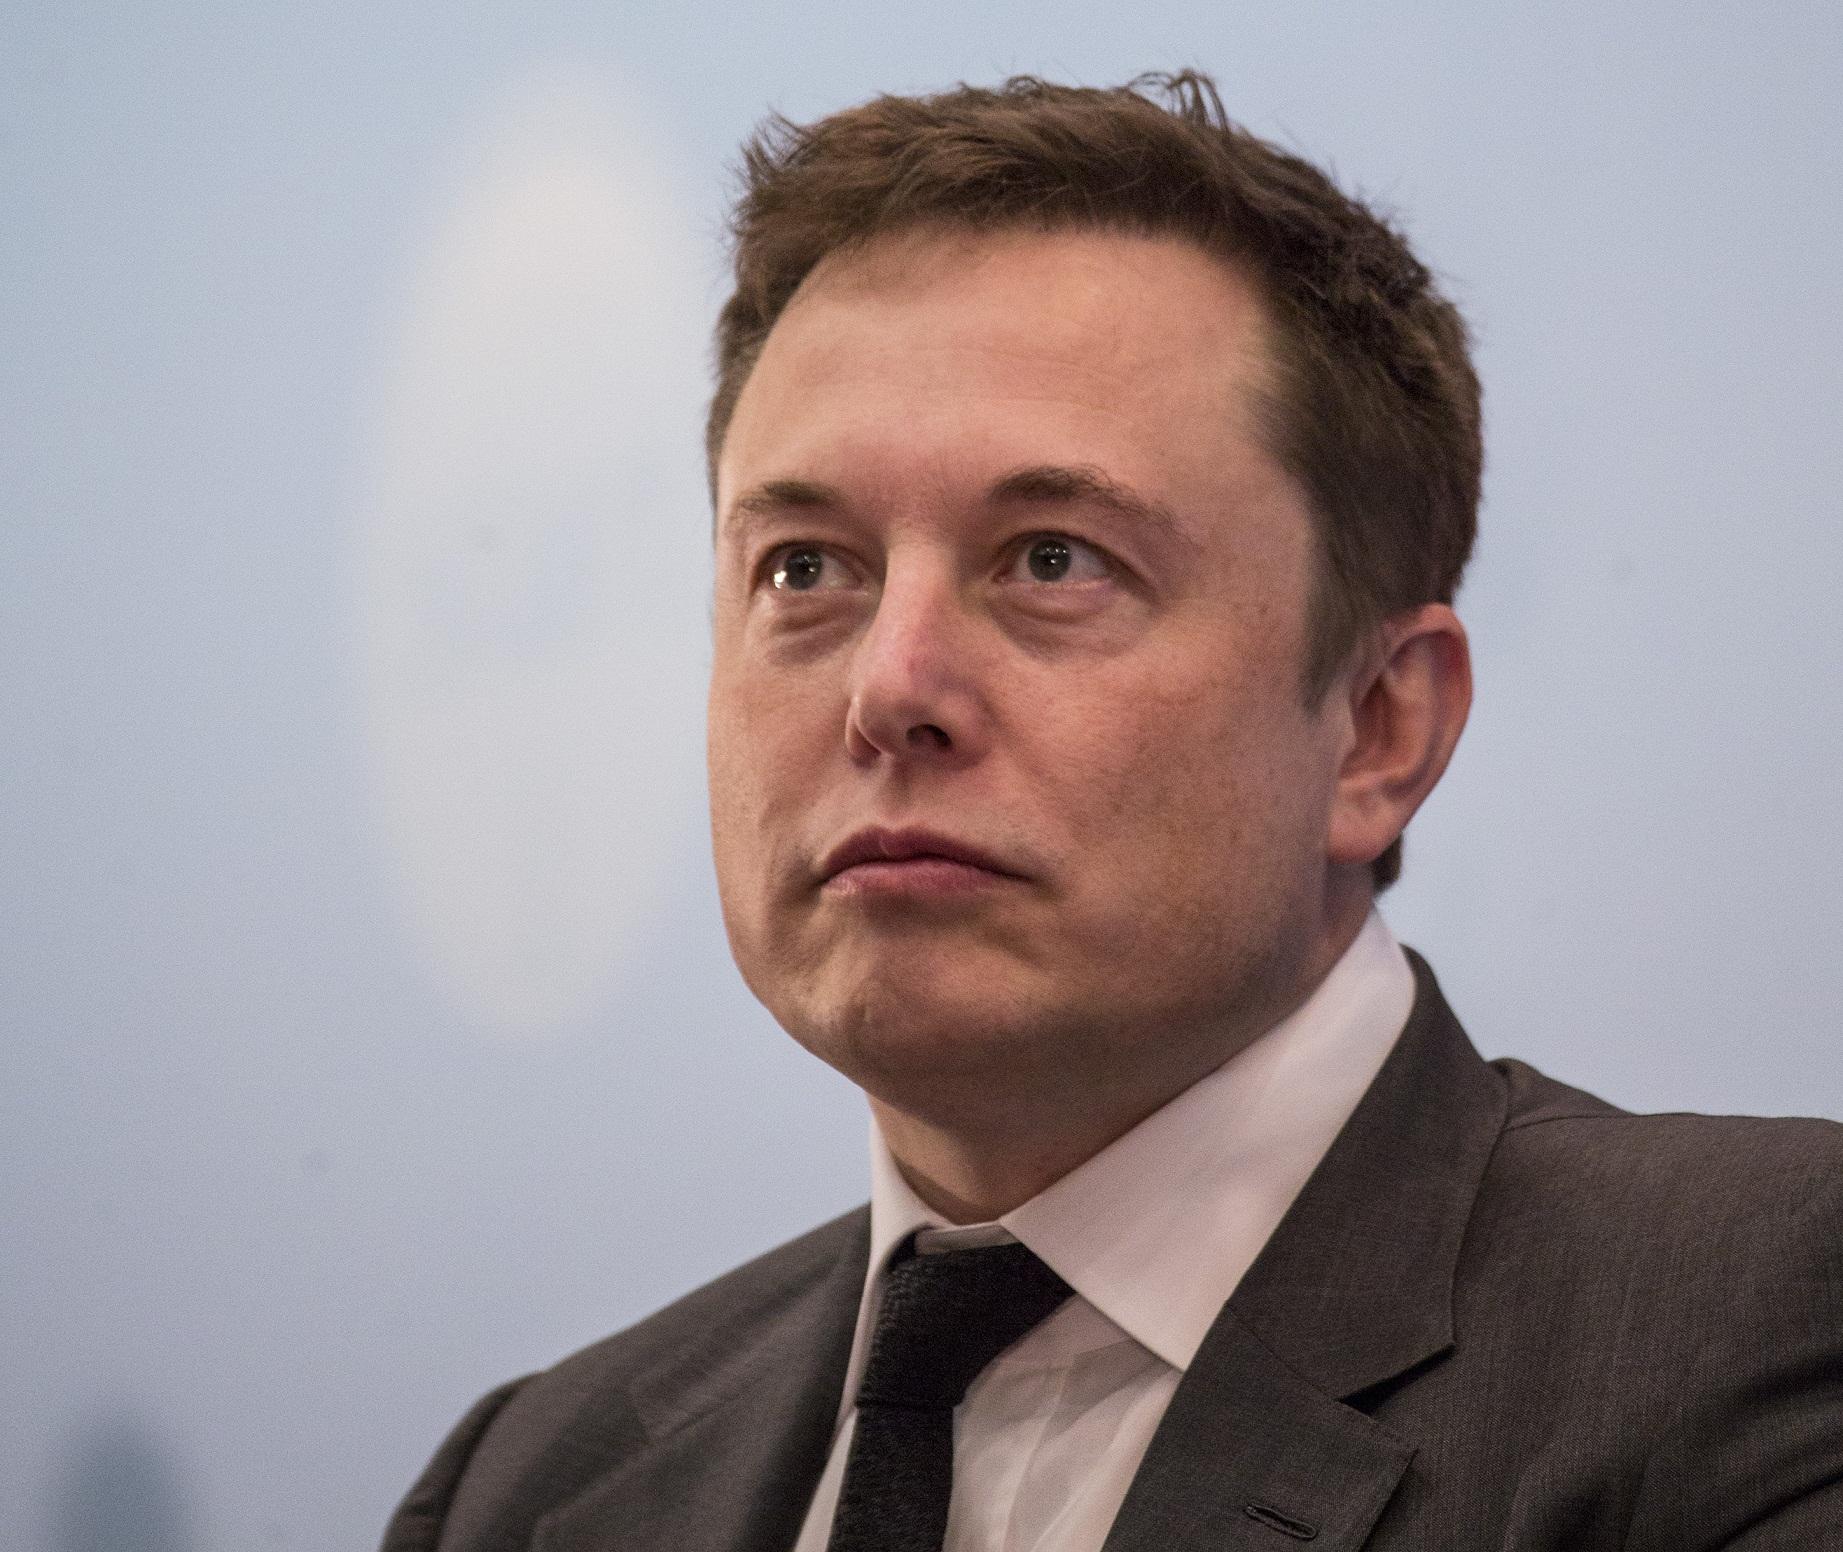 O bilionário sul-africano Elon Musk